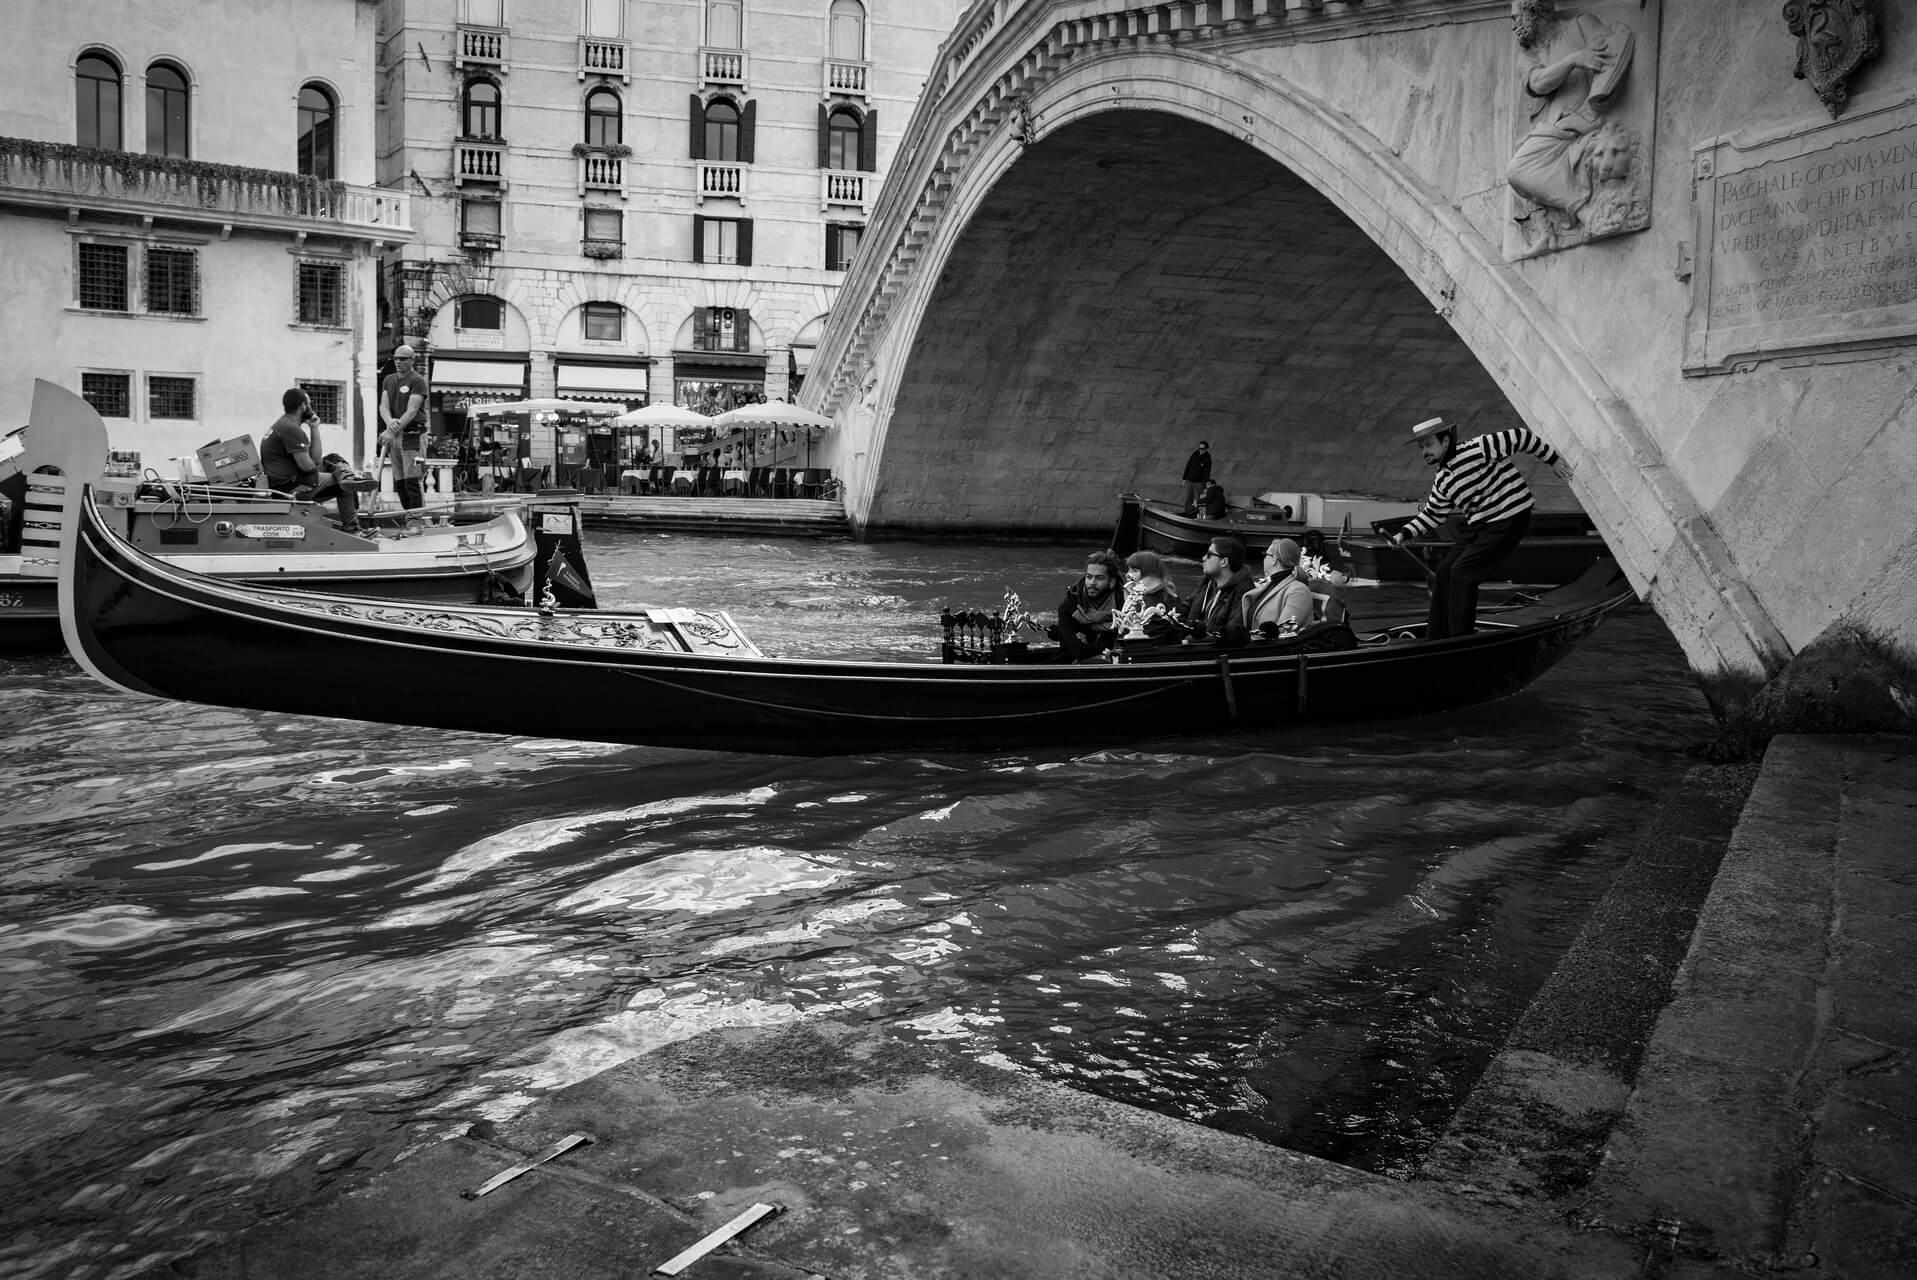 Italien: Venedig Gondola, Fotograf: Steffen Lohse